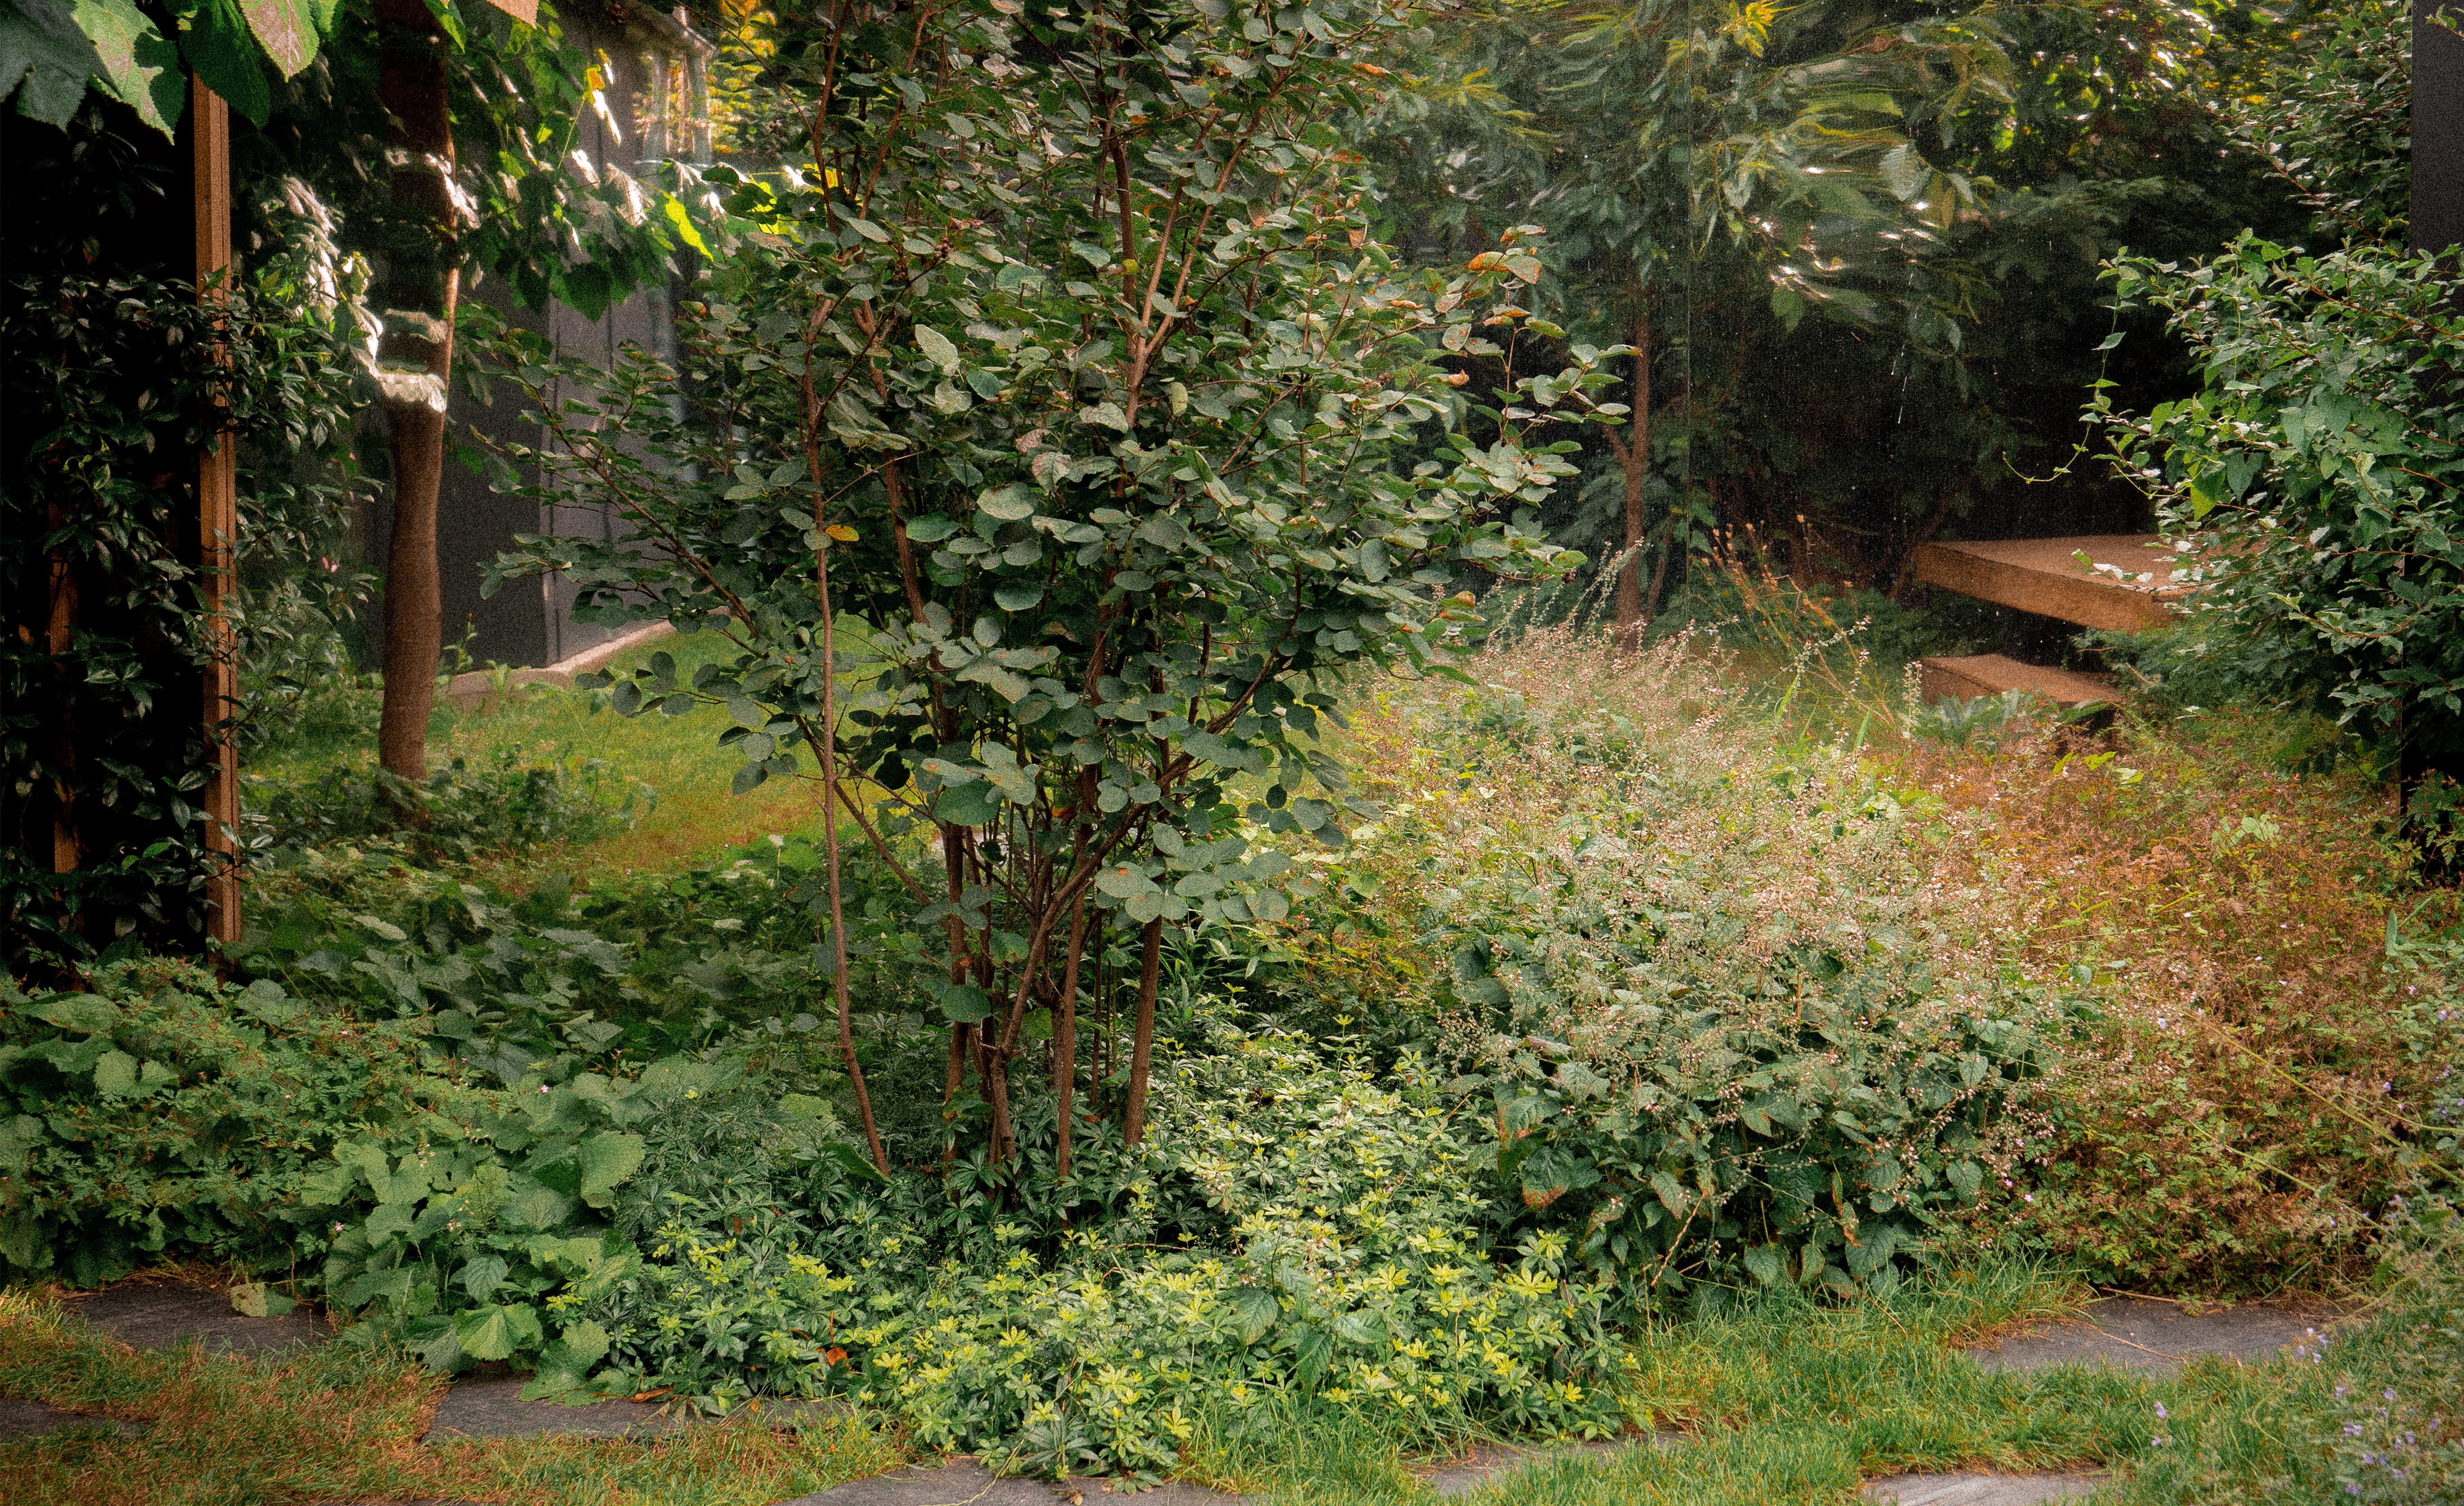 04_Jardin-infini-à-chatillon-Paysagiste-Hermeline-Carpentier-©photo-Anthony-Marques